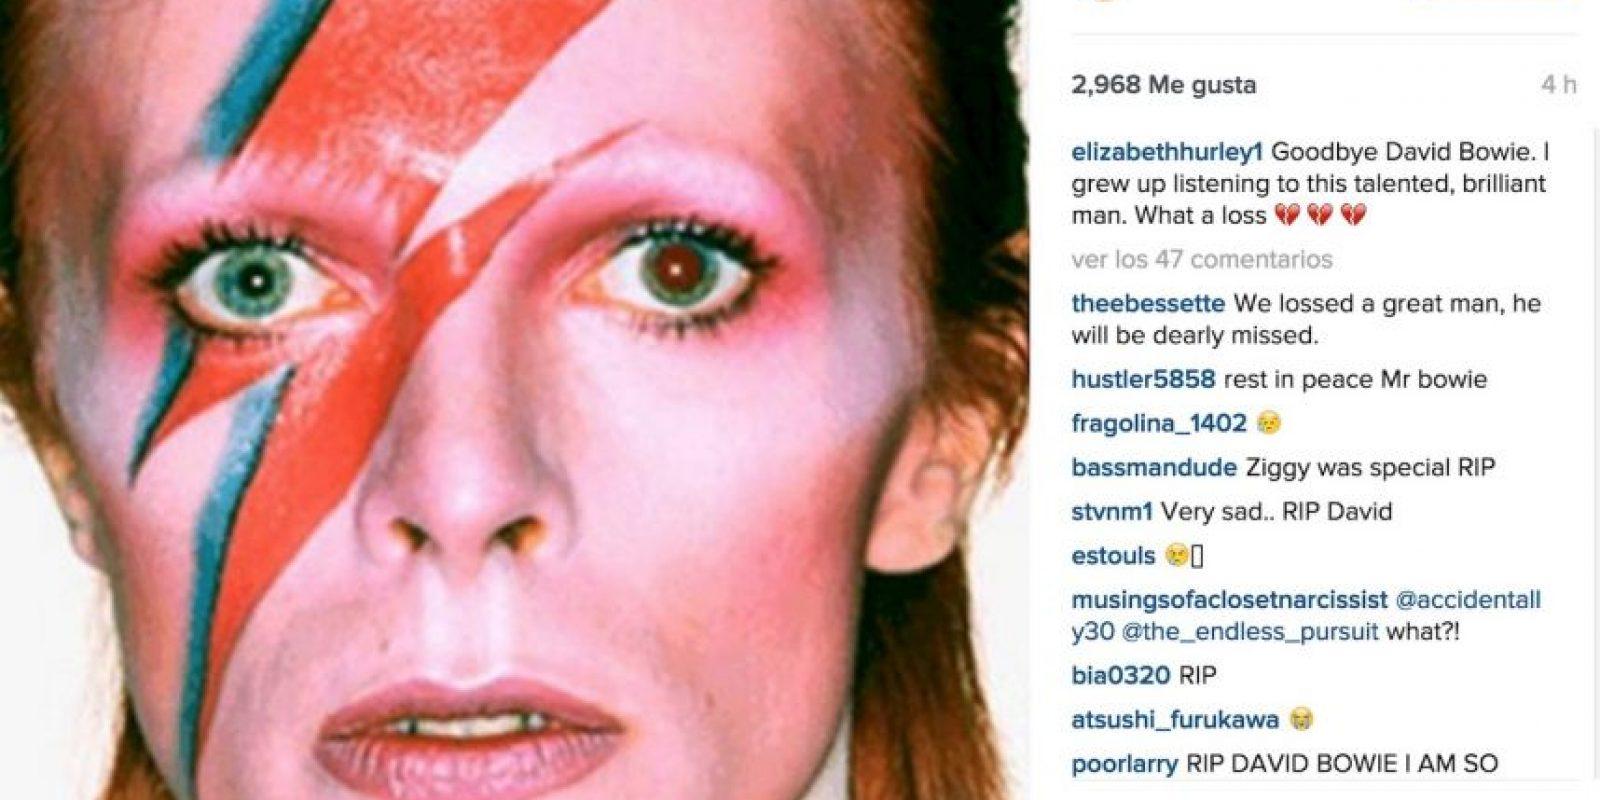 """Elizabeth Hurley: """"Adiós David. Crecí escuchando a este talentoso y brillante hombre. Qué pérdida"""". Foto:Instagram.com"""